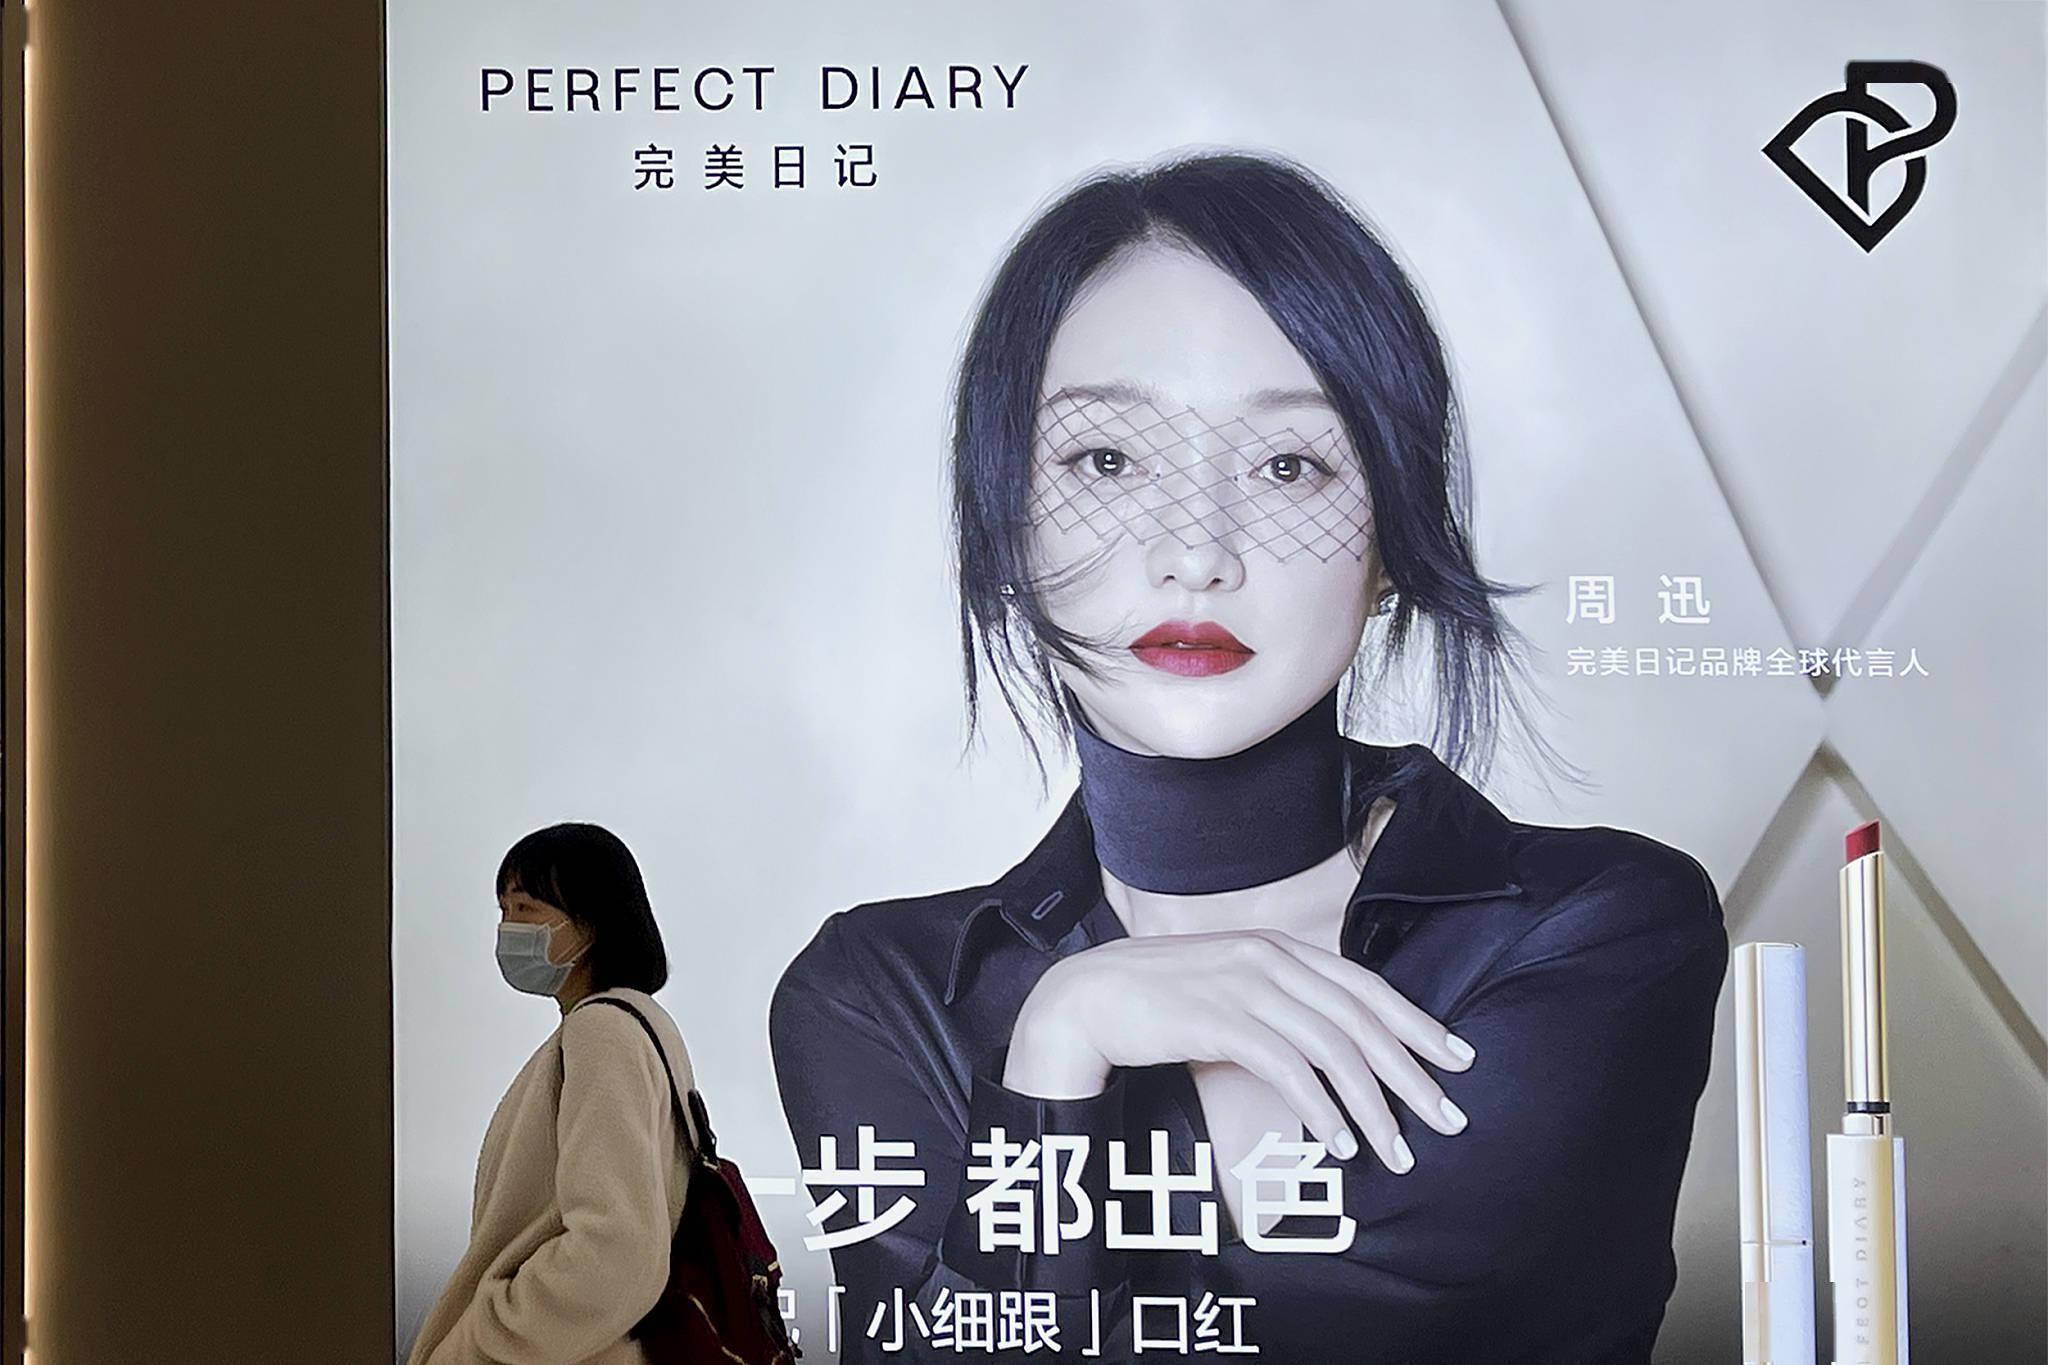 完美日记营销费用高企,全年亏损27亿元,国货美妆创业没未来?